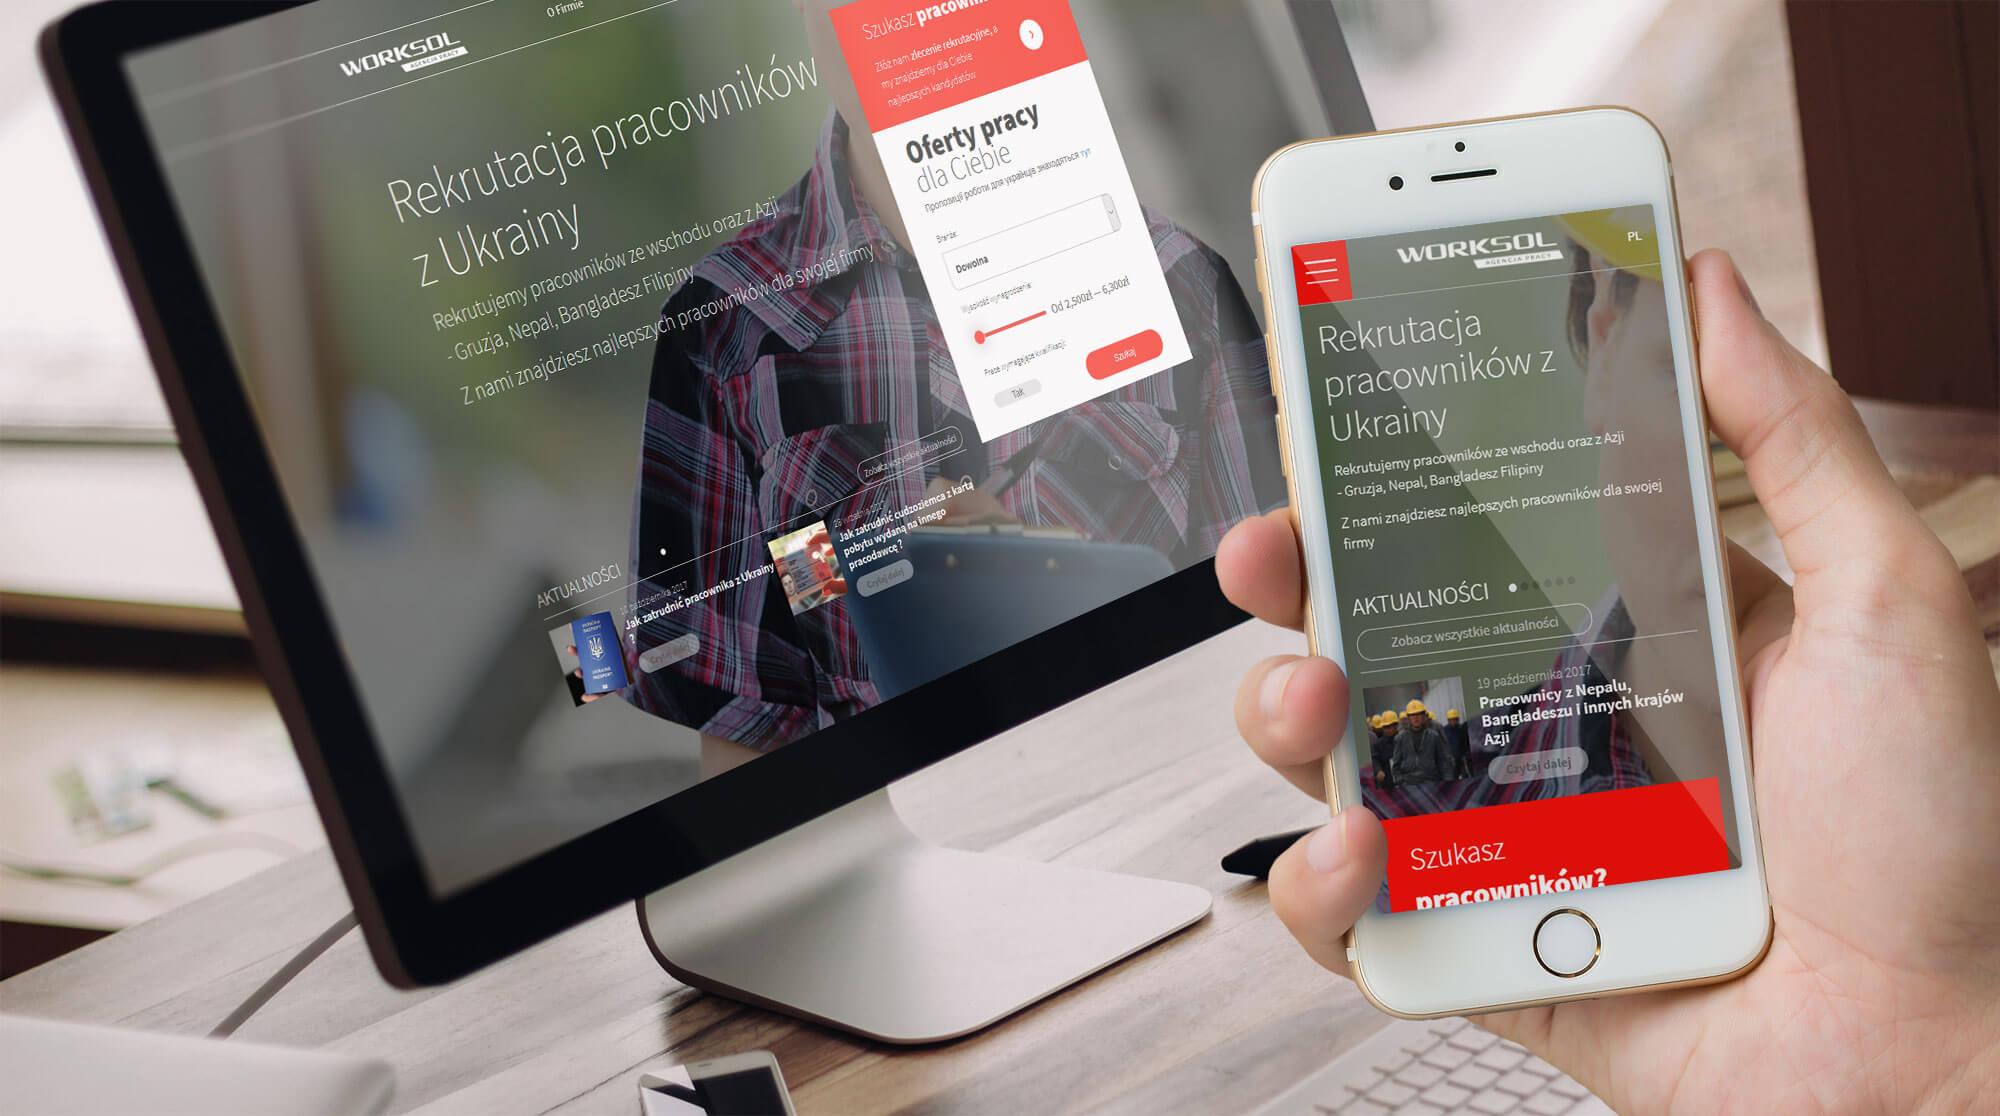 Wizualizacja projektu responsywnej strony internetowej z ofertami pracy i informacjami dla obcokrajowców - Worksol